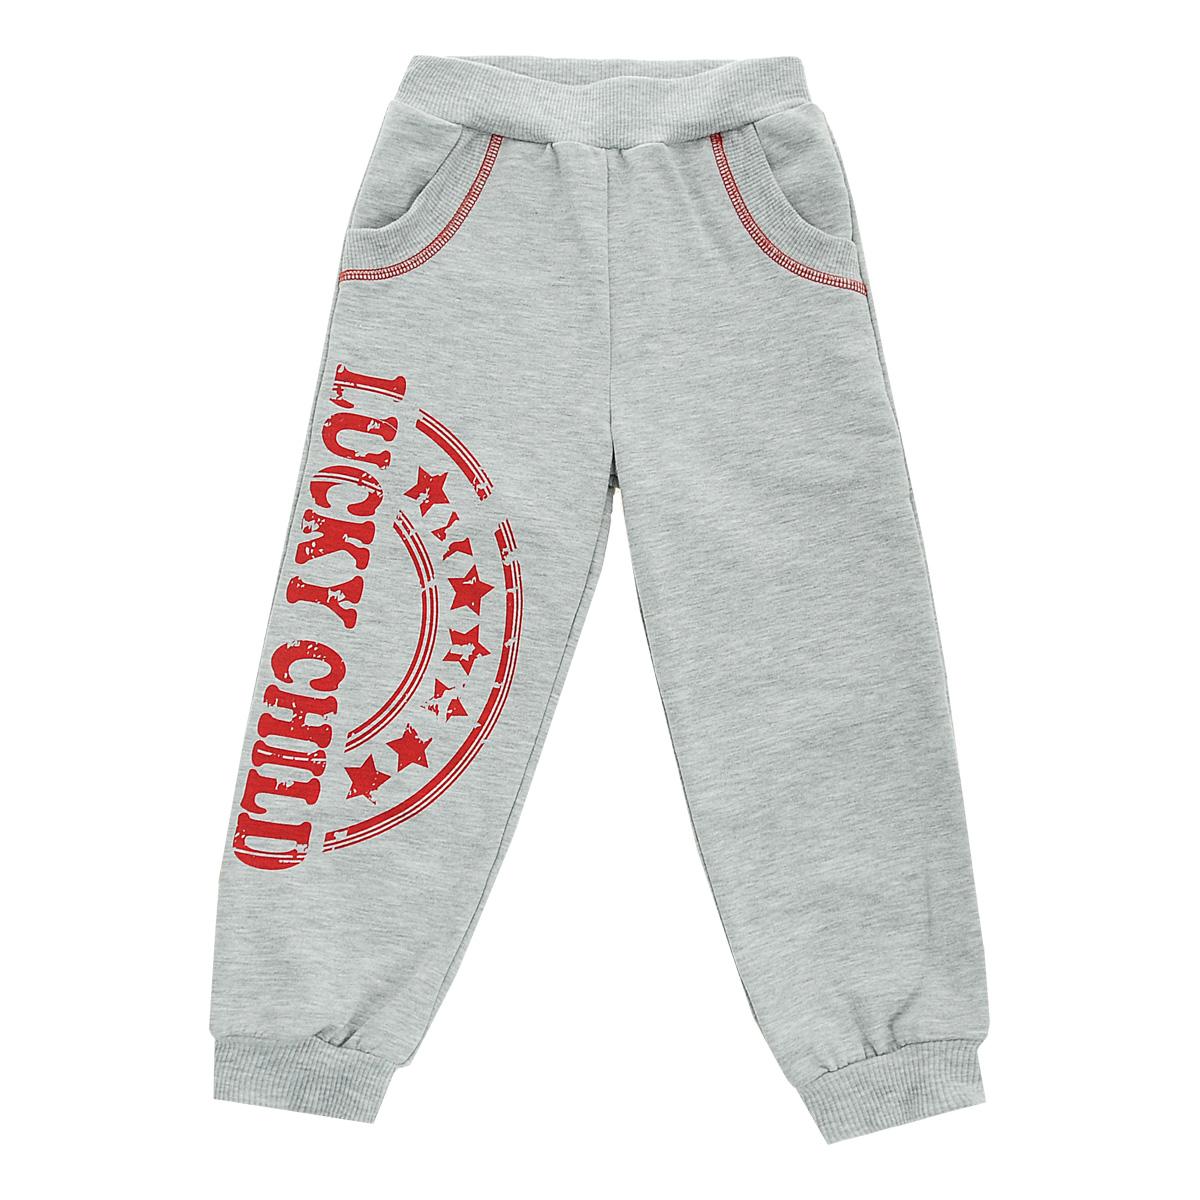 Брюки детские. 8-98-9Детские брюки Lucky Child идеально подойдут вашему малышу. Изготовленные из интерлока - натурального хлопка, они необычайно мягкие и приятные на ощупь, не сковывают движения ребенка и позволяют коже дышать, не раздражают даже самую нежную и чувствительную кожу малыша, обеспечивая ему наибольший комфорт. Брюки на талии имеют широкую эластичную резинку, благодаря чему они не сдавливают животик ребенка и не сползают. Снизу брючины дополнены широкими трикотажными манжетами. По бокам имеются втачные кармашки. Спереди на правой брючине они декорированы оригинальным принтом Lucky Child. Оригинальный современный дизайн и модная расцветка делают эти брюки модным и стильным предметом детского гардероба. В них ваш ребенок будет чувствовать себя уютно и комфортно и всегда будет в центре внимания!